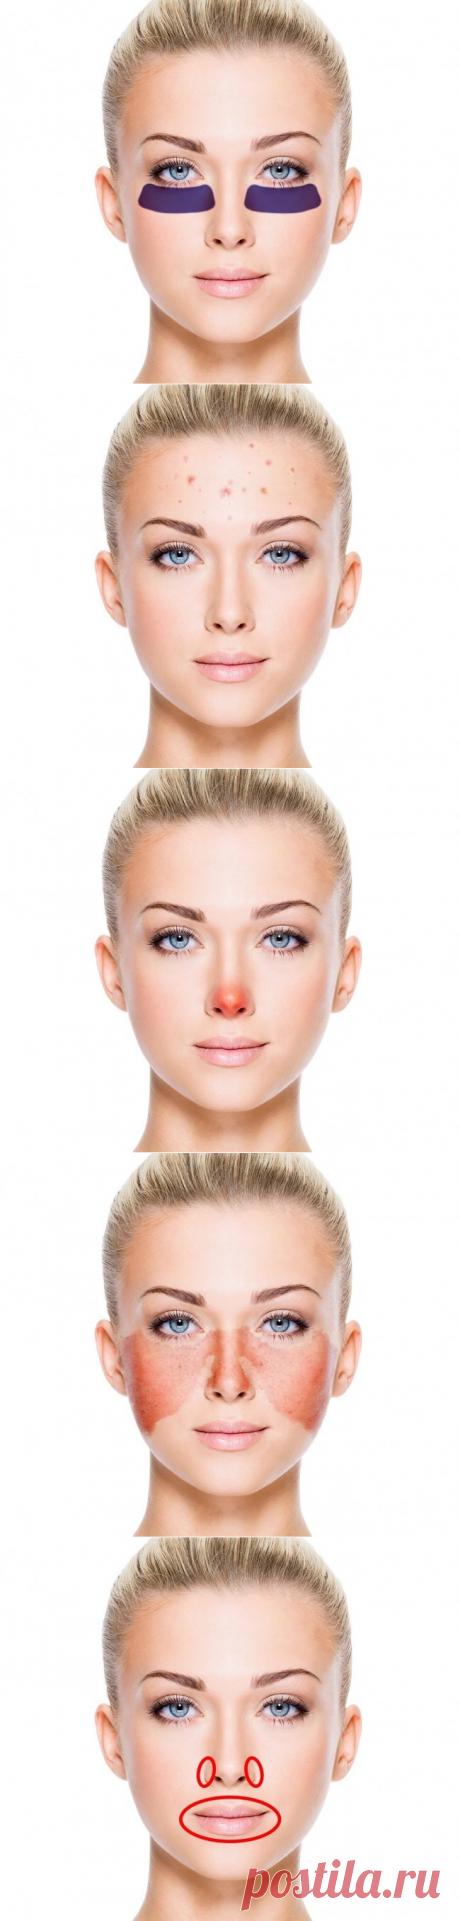 Сигналы организма о болезнях, которые отражаются на нашем лице / Все для женщины